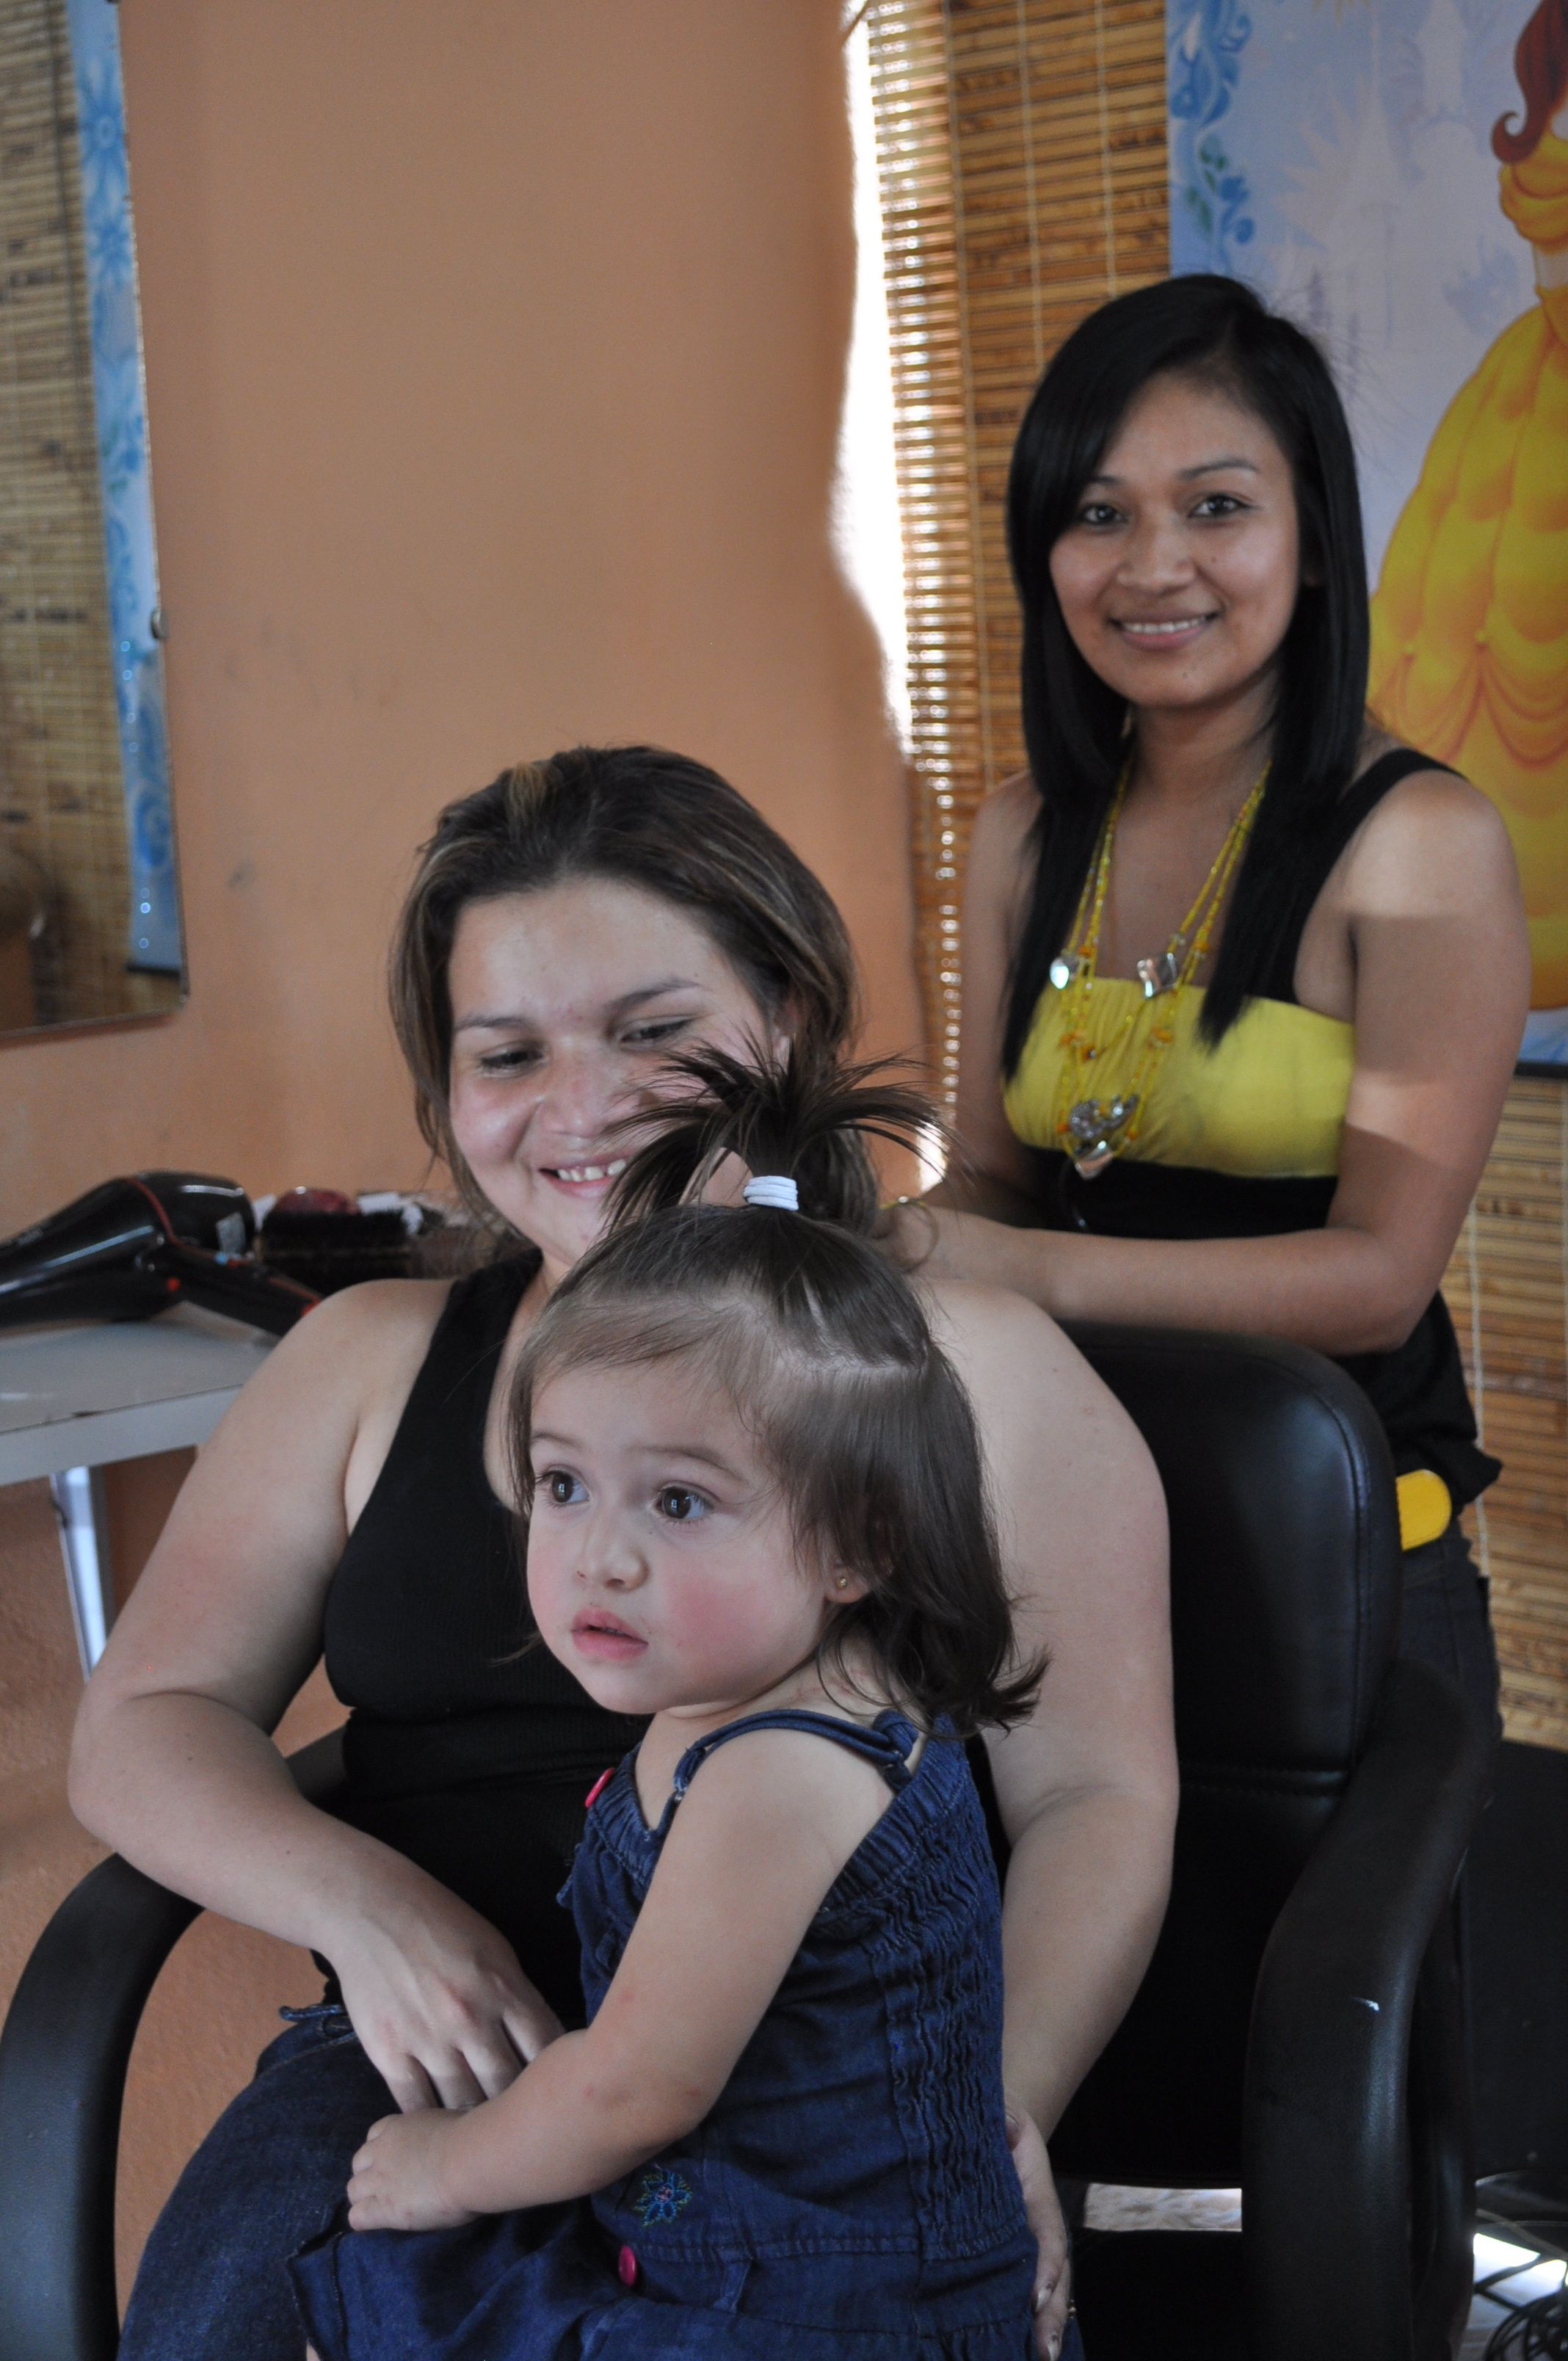 Working at her salon, Salon de Belleza Andreas